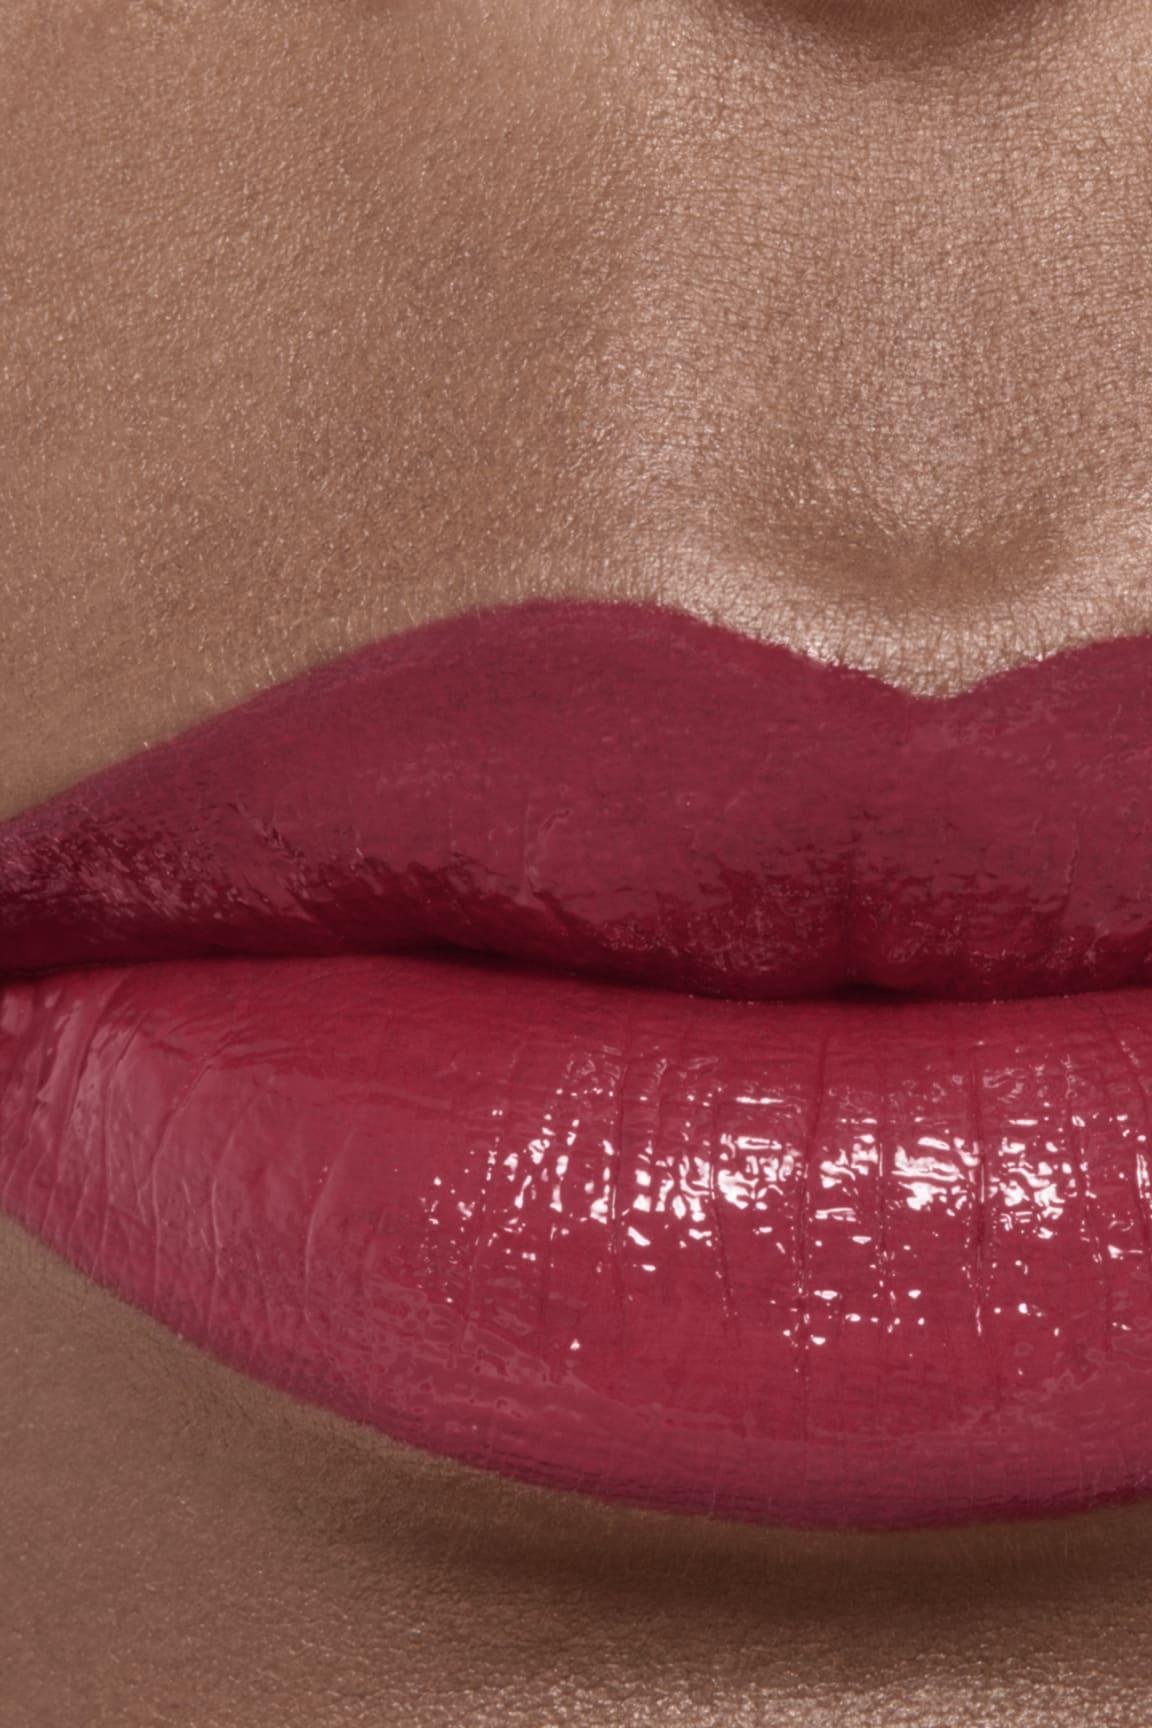 Imagen aplicación de maquillaje 2 - ROUGE ALLURE LAQUE 66 - PERMANENT